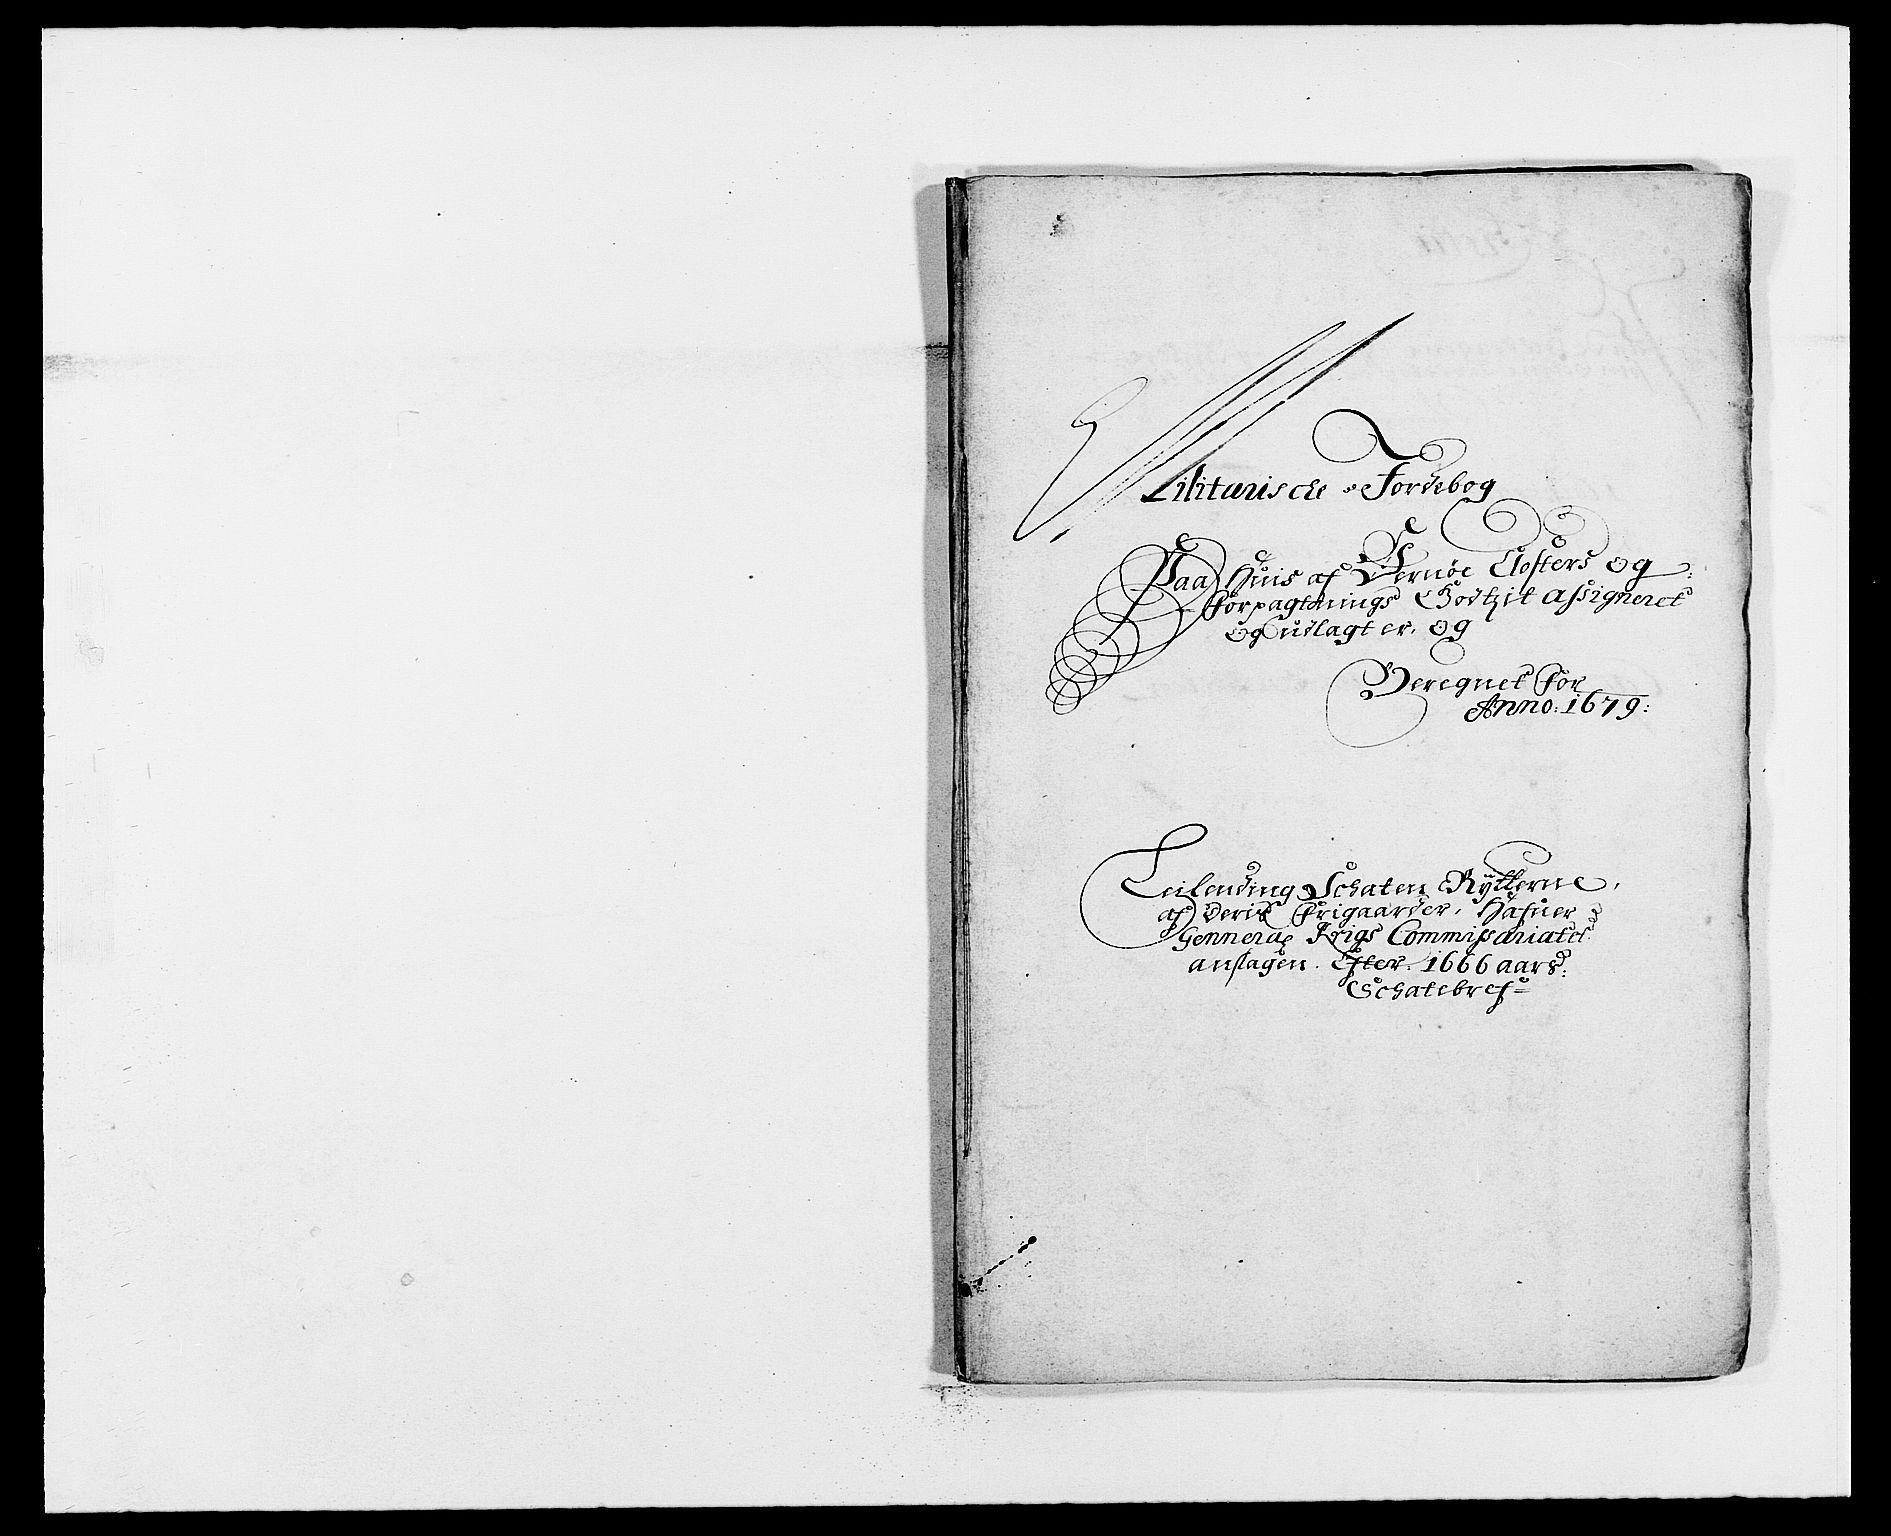 RA, Rentekammeret inntil 1814, Reviderte regnskaper, Fogderegnskap, R02/L0100: Fogderegnskap Moss og Verne kloster, 1679, s. 279